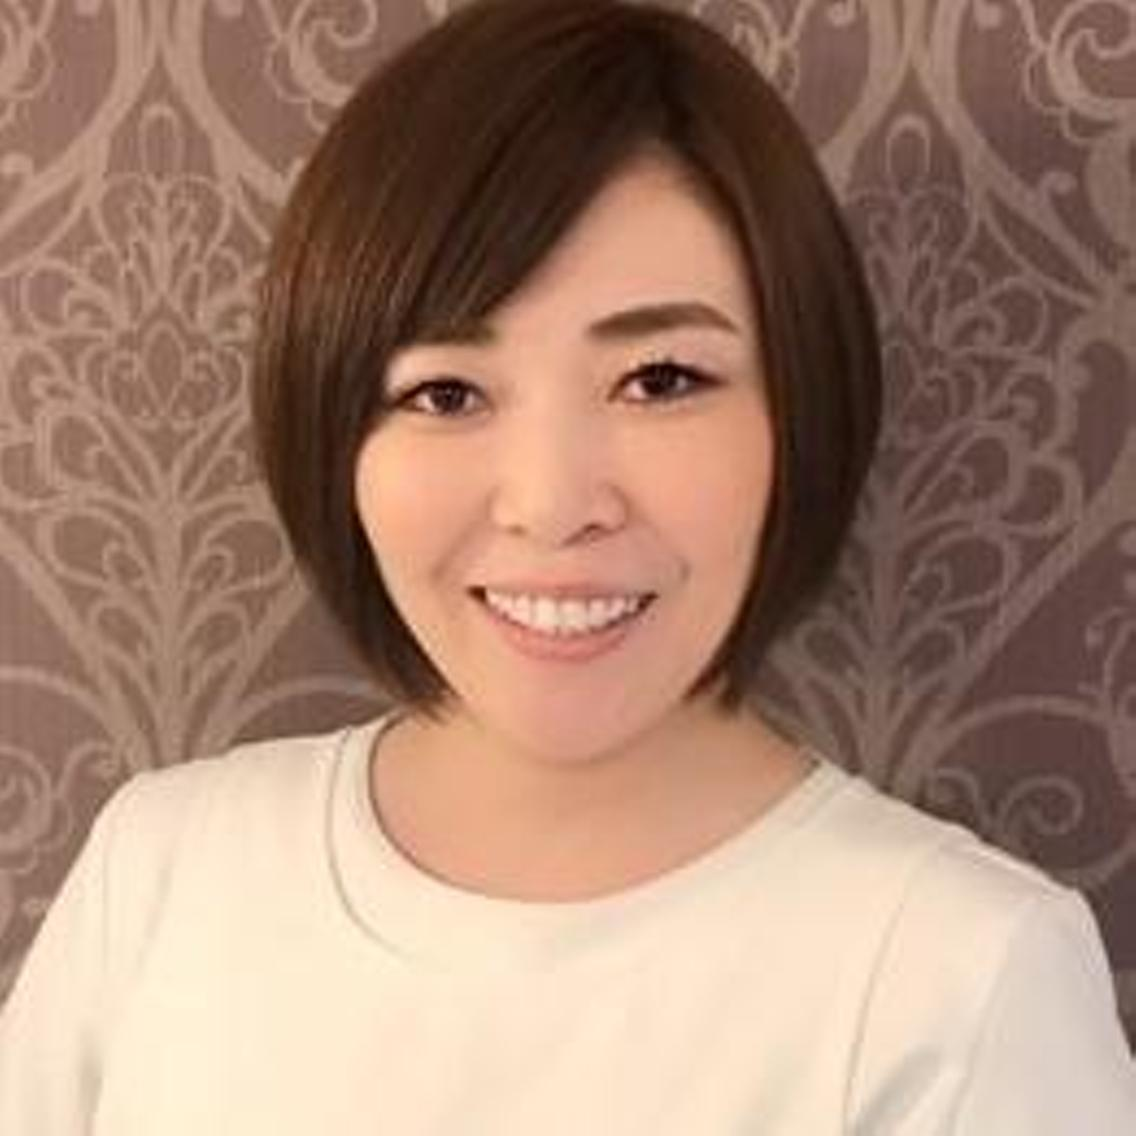 脱毛サロン Be Pure ~ビーピュア~6条店所属・矢野 由加の掲載